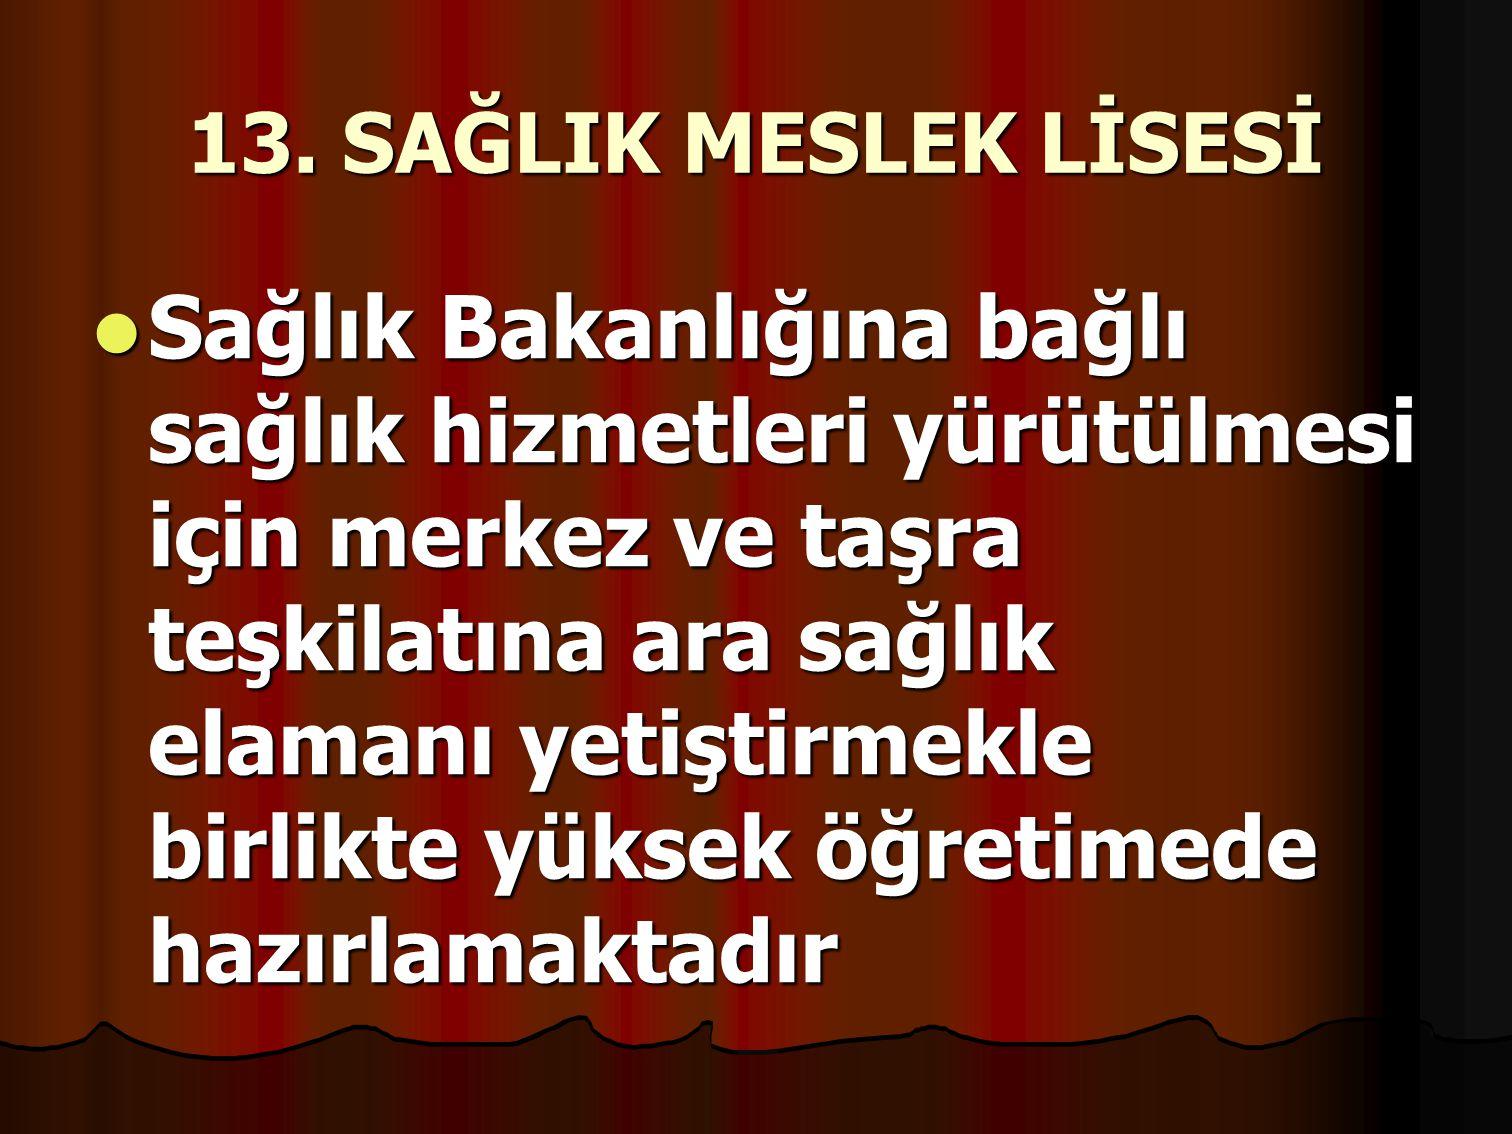 13. SAĞLIK MESLEK LİSESİ